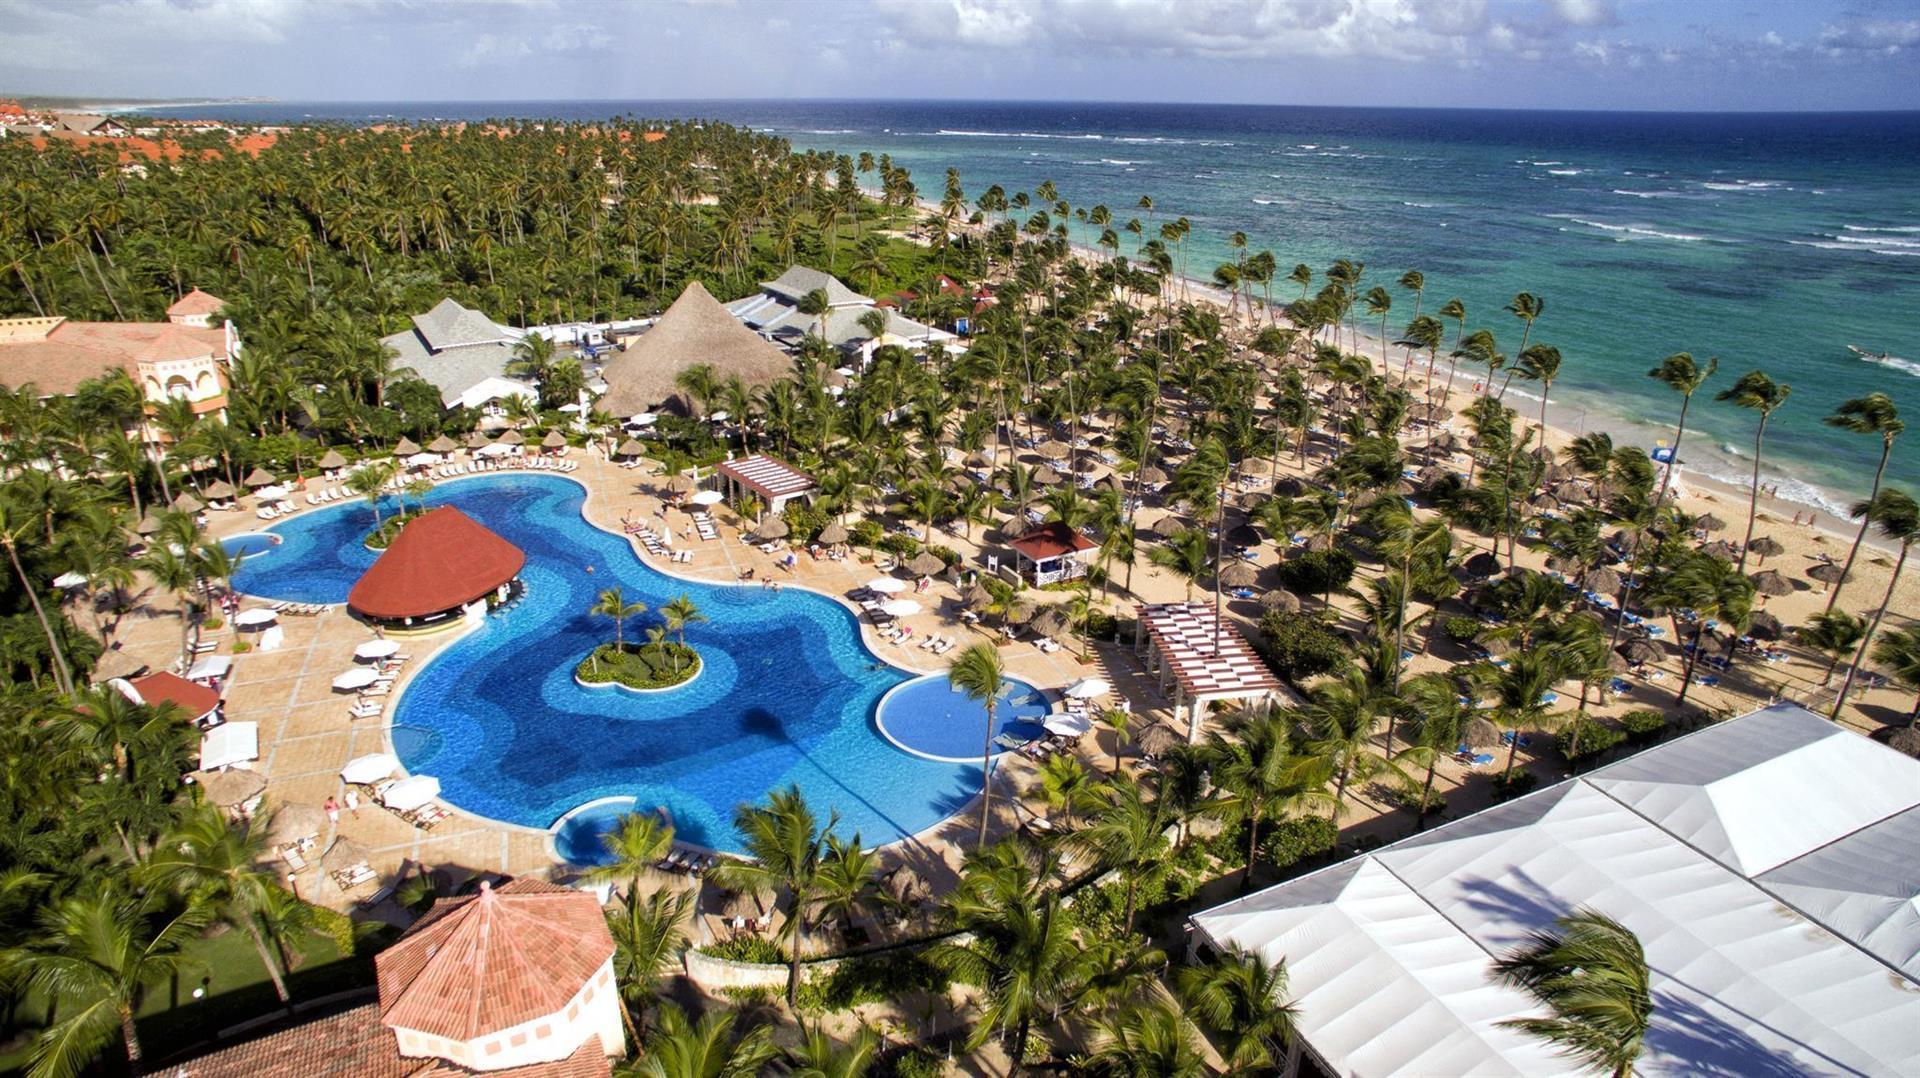 Отель для взрослых Bahia Principe Ambar 5*. Специальные цены на вылеты в ноябре